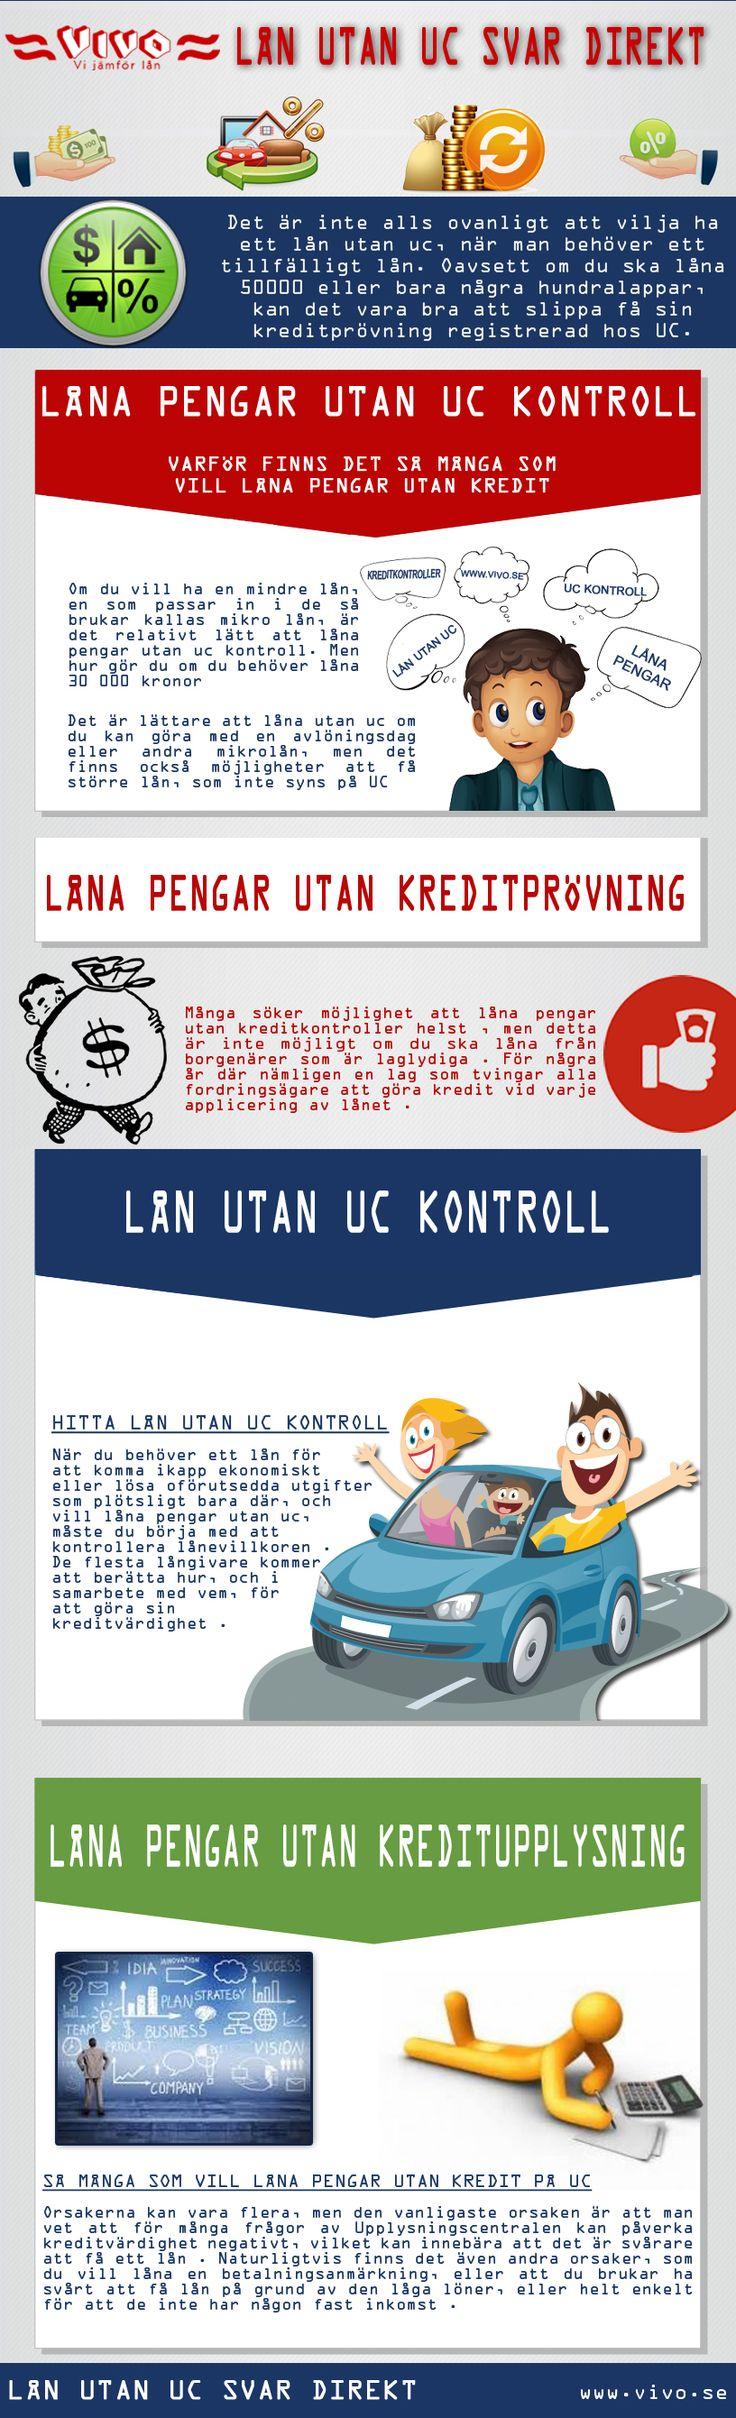 Att veta hur man korrekt låna 10000 utan uc kan vara skillnaden mellan på grund av pengar och upprörande låntagaren, och att kunna betala tillbaka lånet med lätthet. Låna pengar kan ibland visa sig vara användbart för dig. Kolla denna länk rätt här http://www.vivo.se/lan-utan-uc/ för mer information på låna pengar utan kreditprövning.